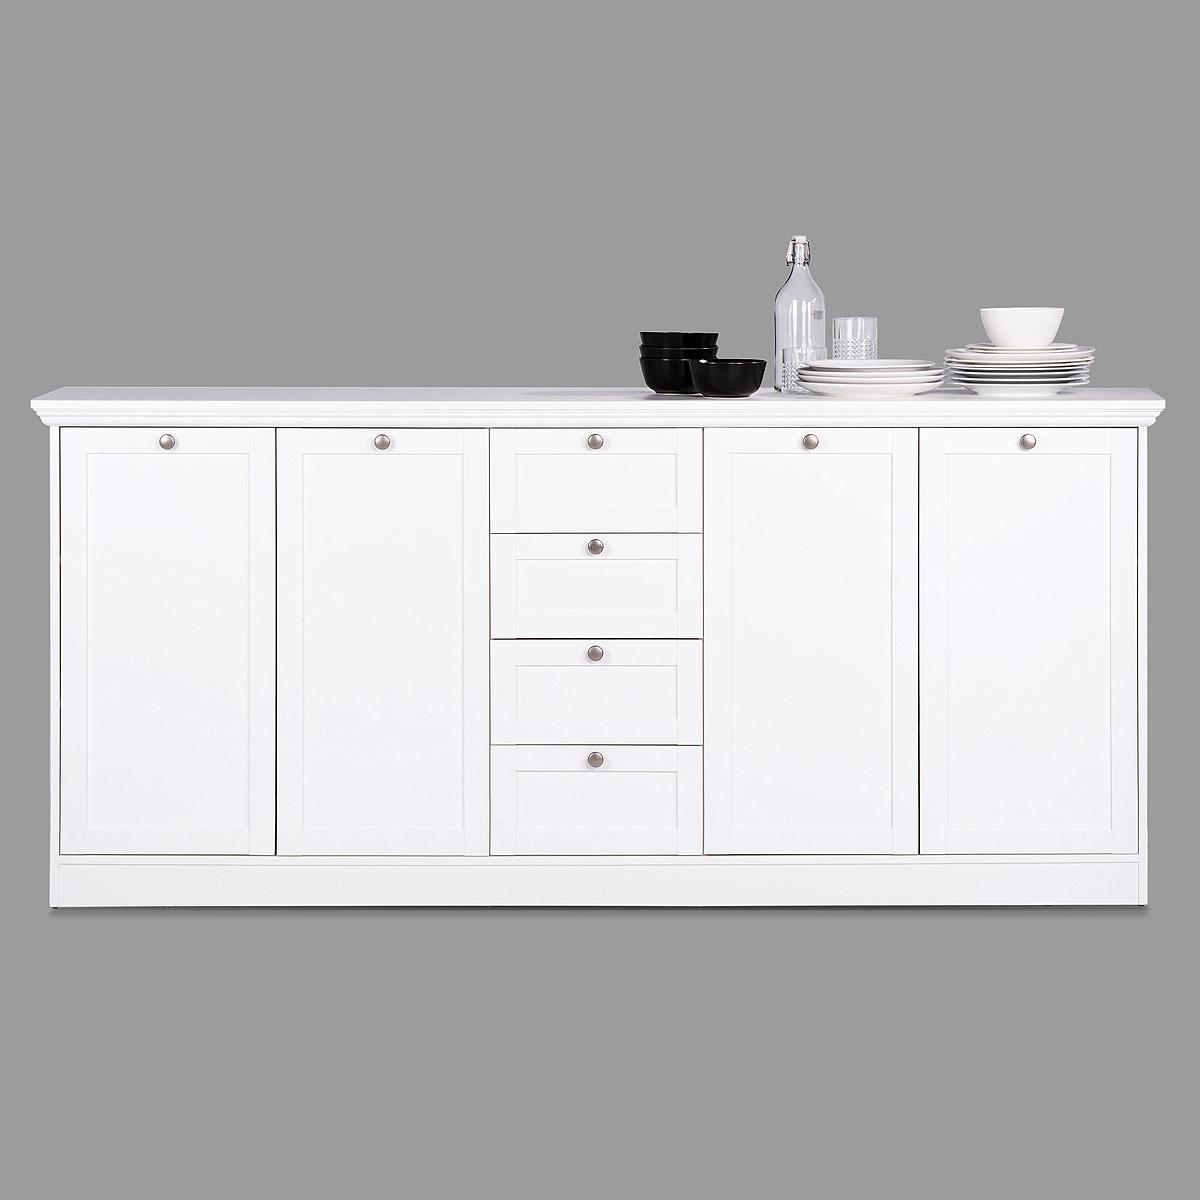 sideboard landwood 52 landhausstil anrichte kommode wei 4. Black Bedroom Furniture Sets. Home Design Ideas